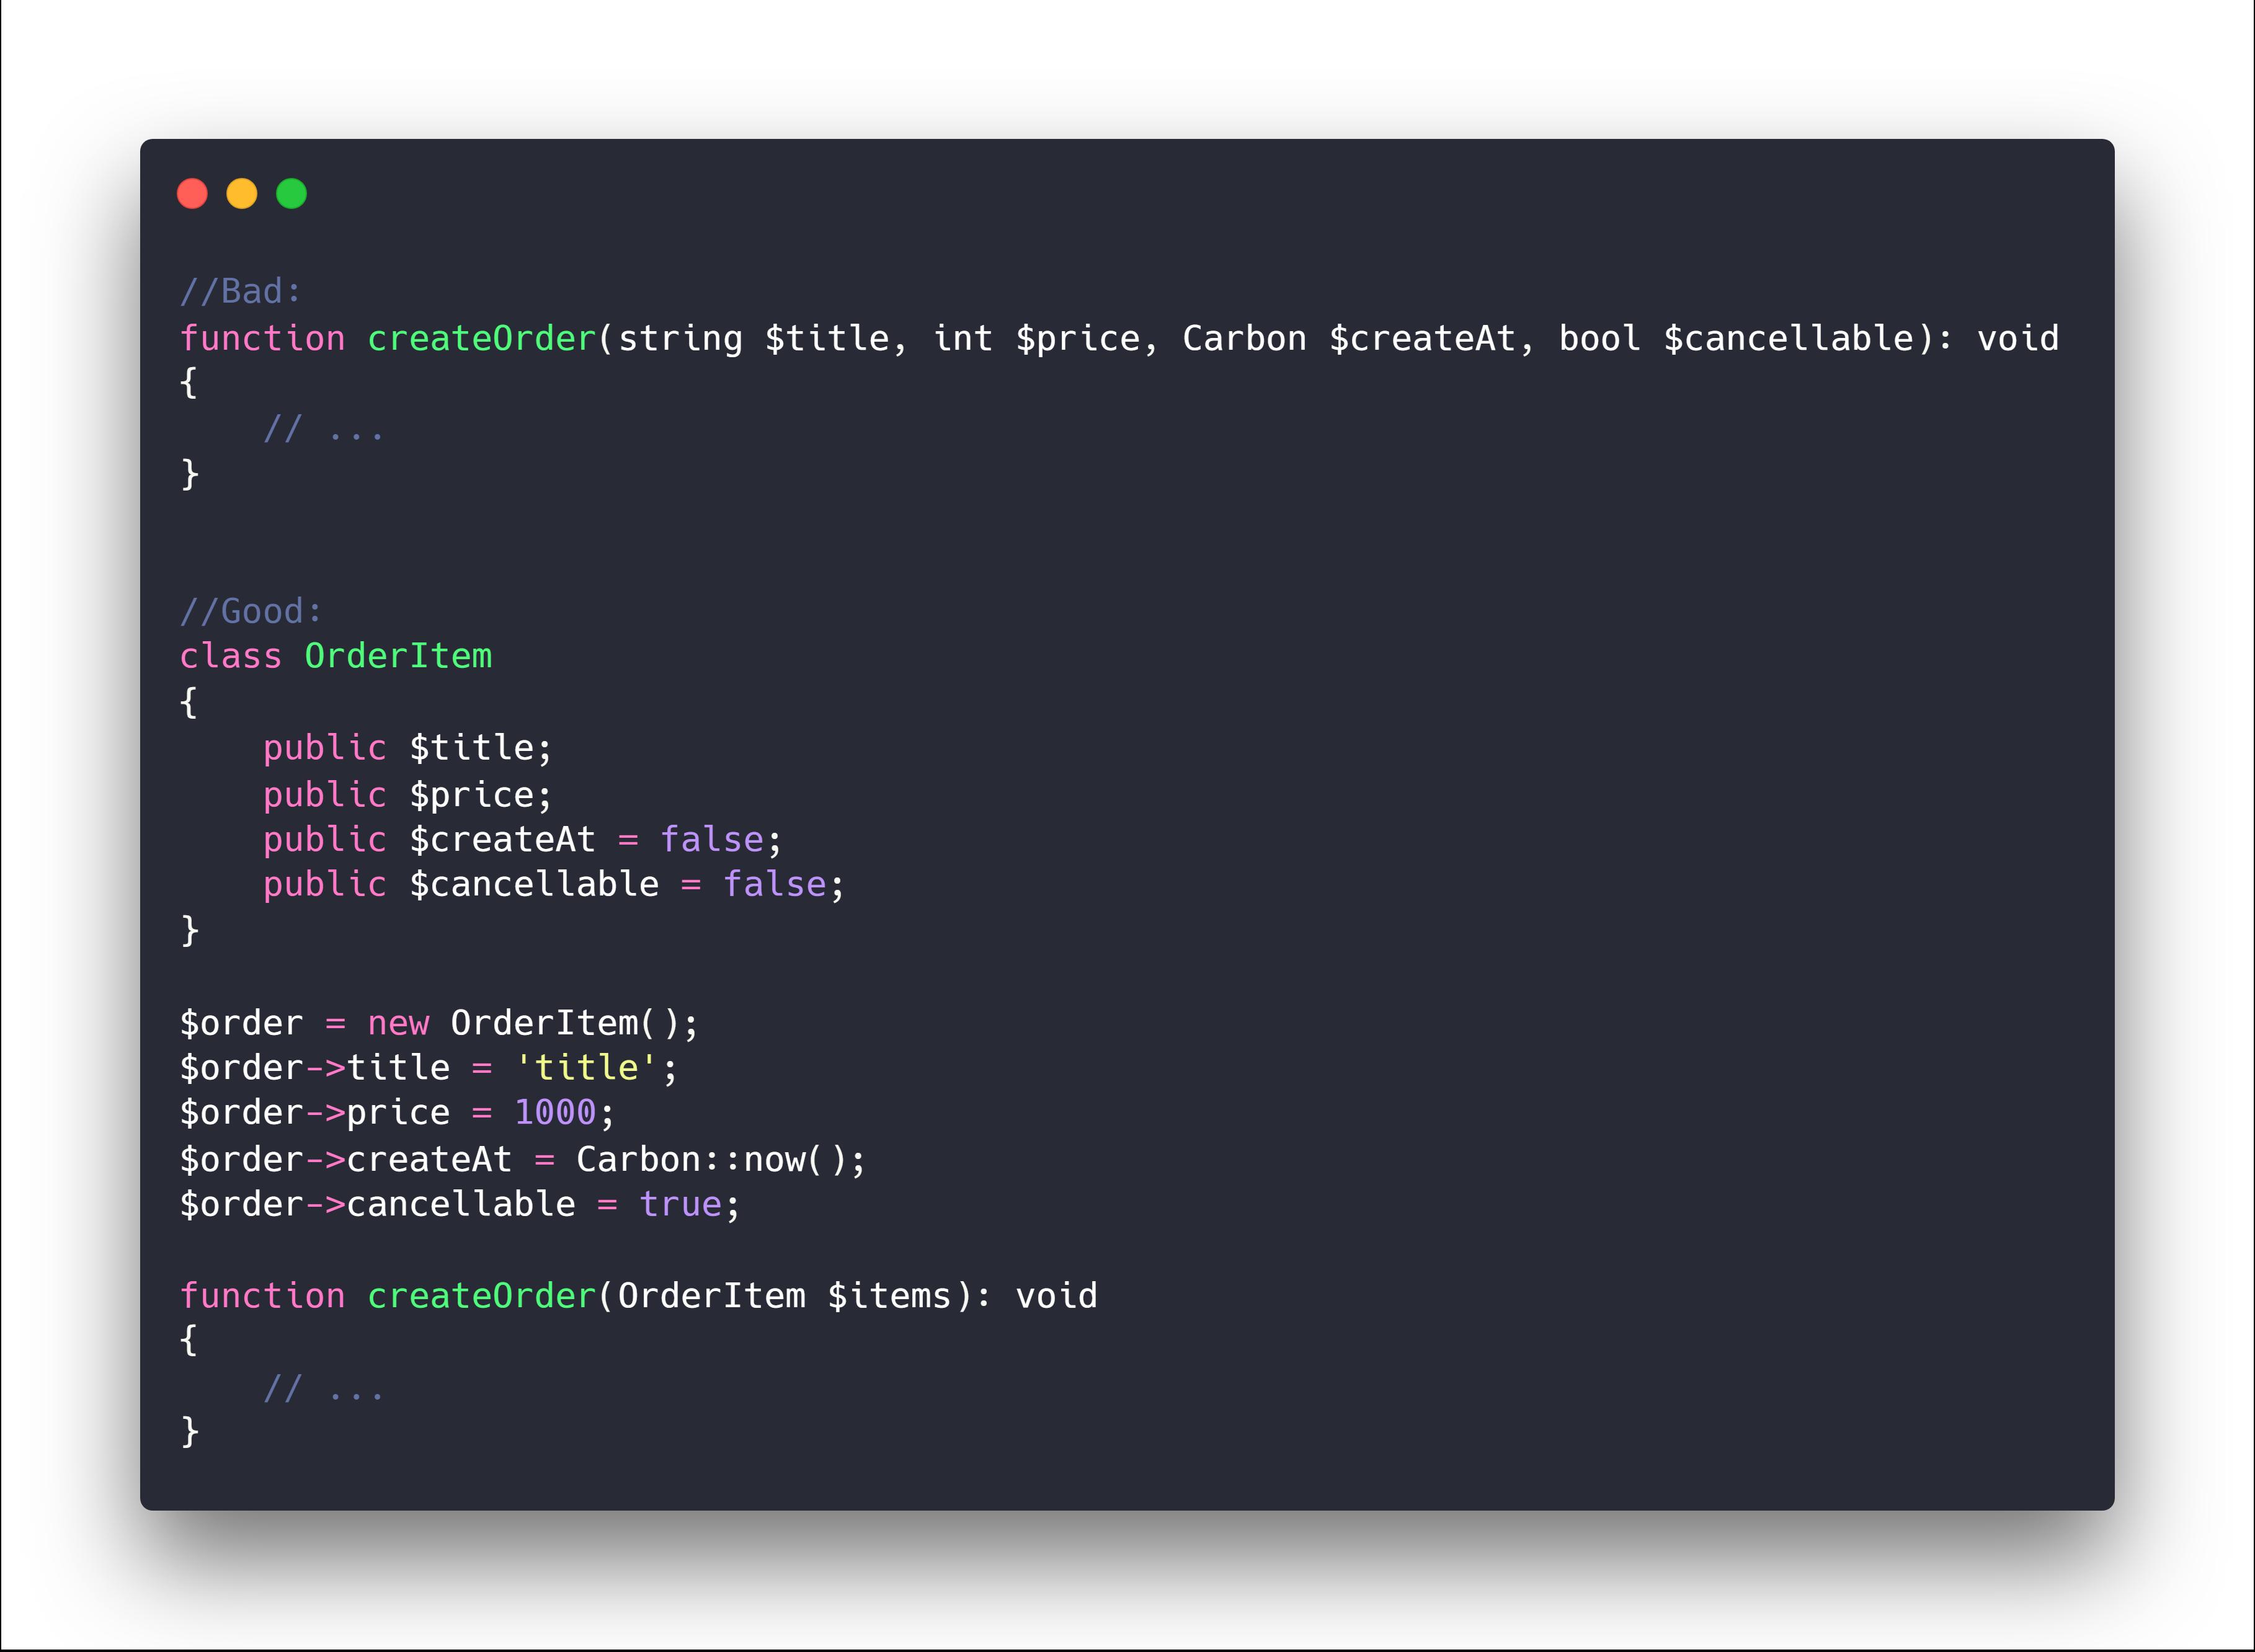 خیلی از مواقع ما میتونیم آرگومان های یک تابع رو تبدیل به کلاس کنیم. در چنین حالتی حتی میتونیم از getter و setter استفاده کنیم و ورودی ها رو هرچه بیشتر در کنترل خودمون در بیاریم